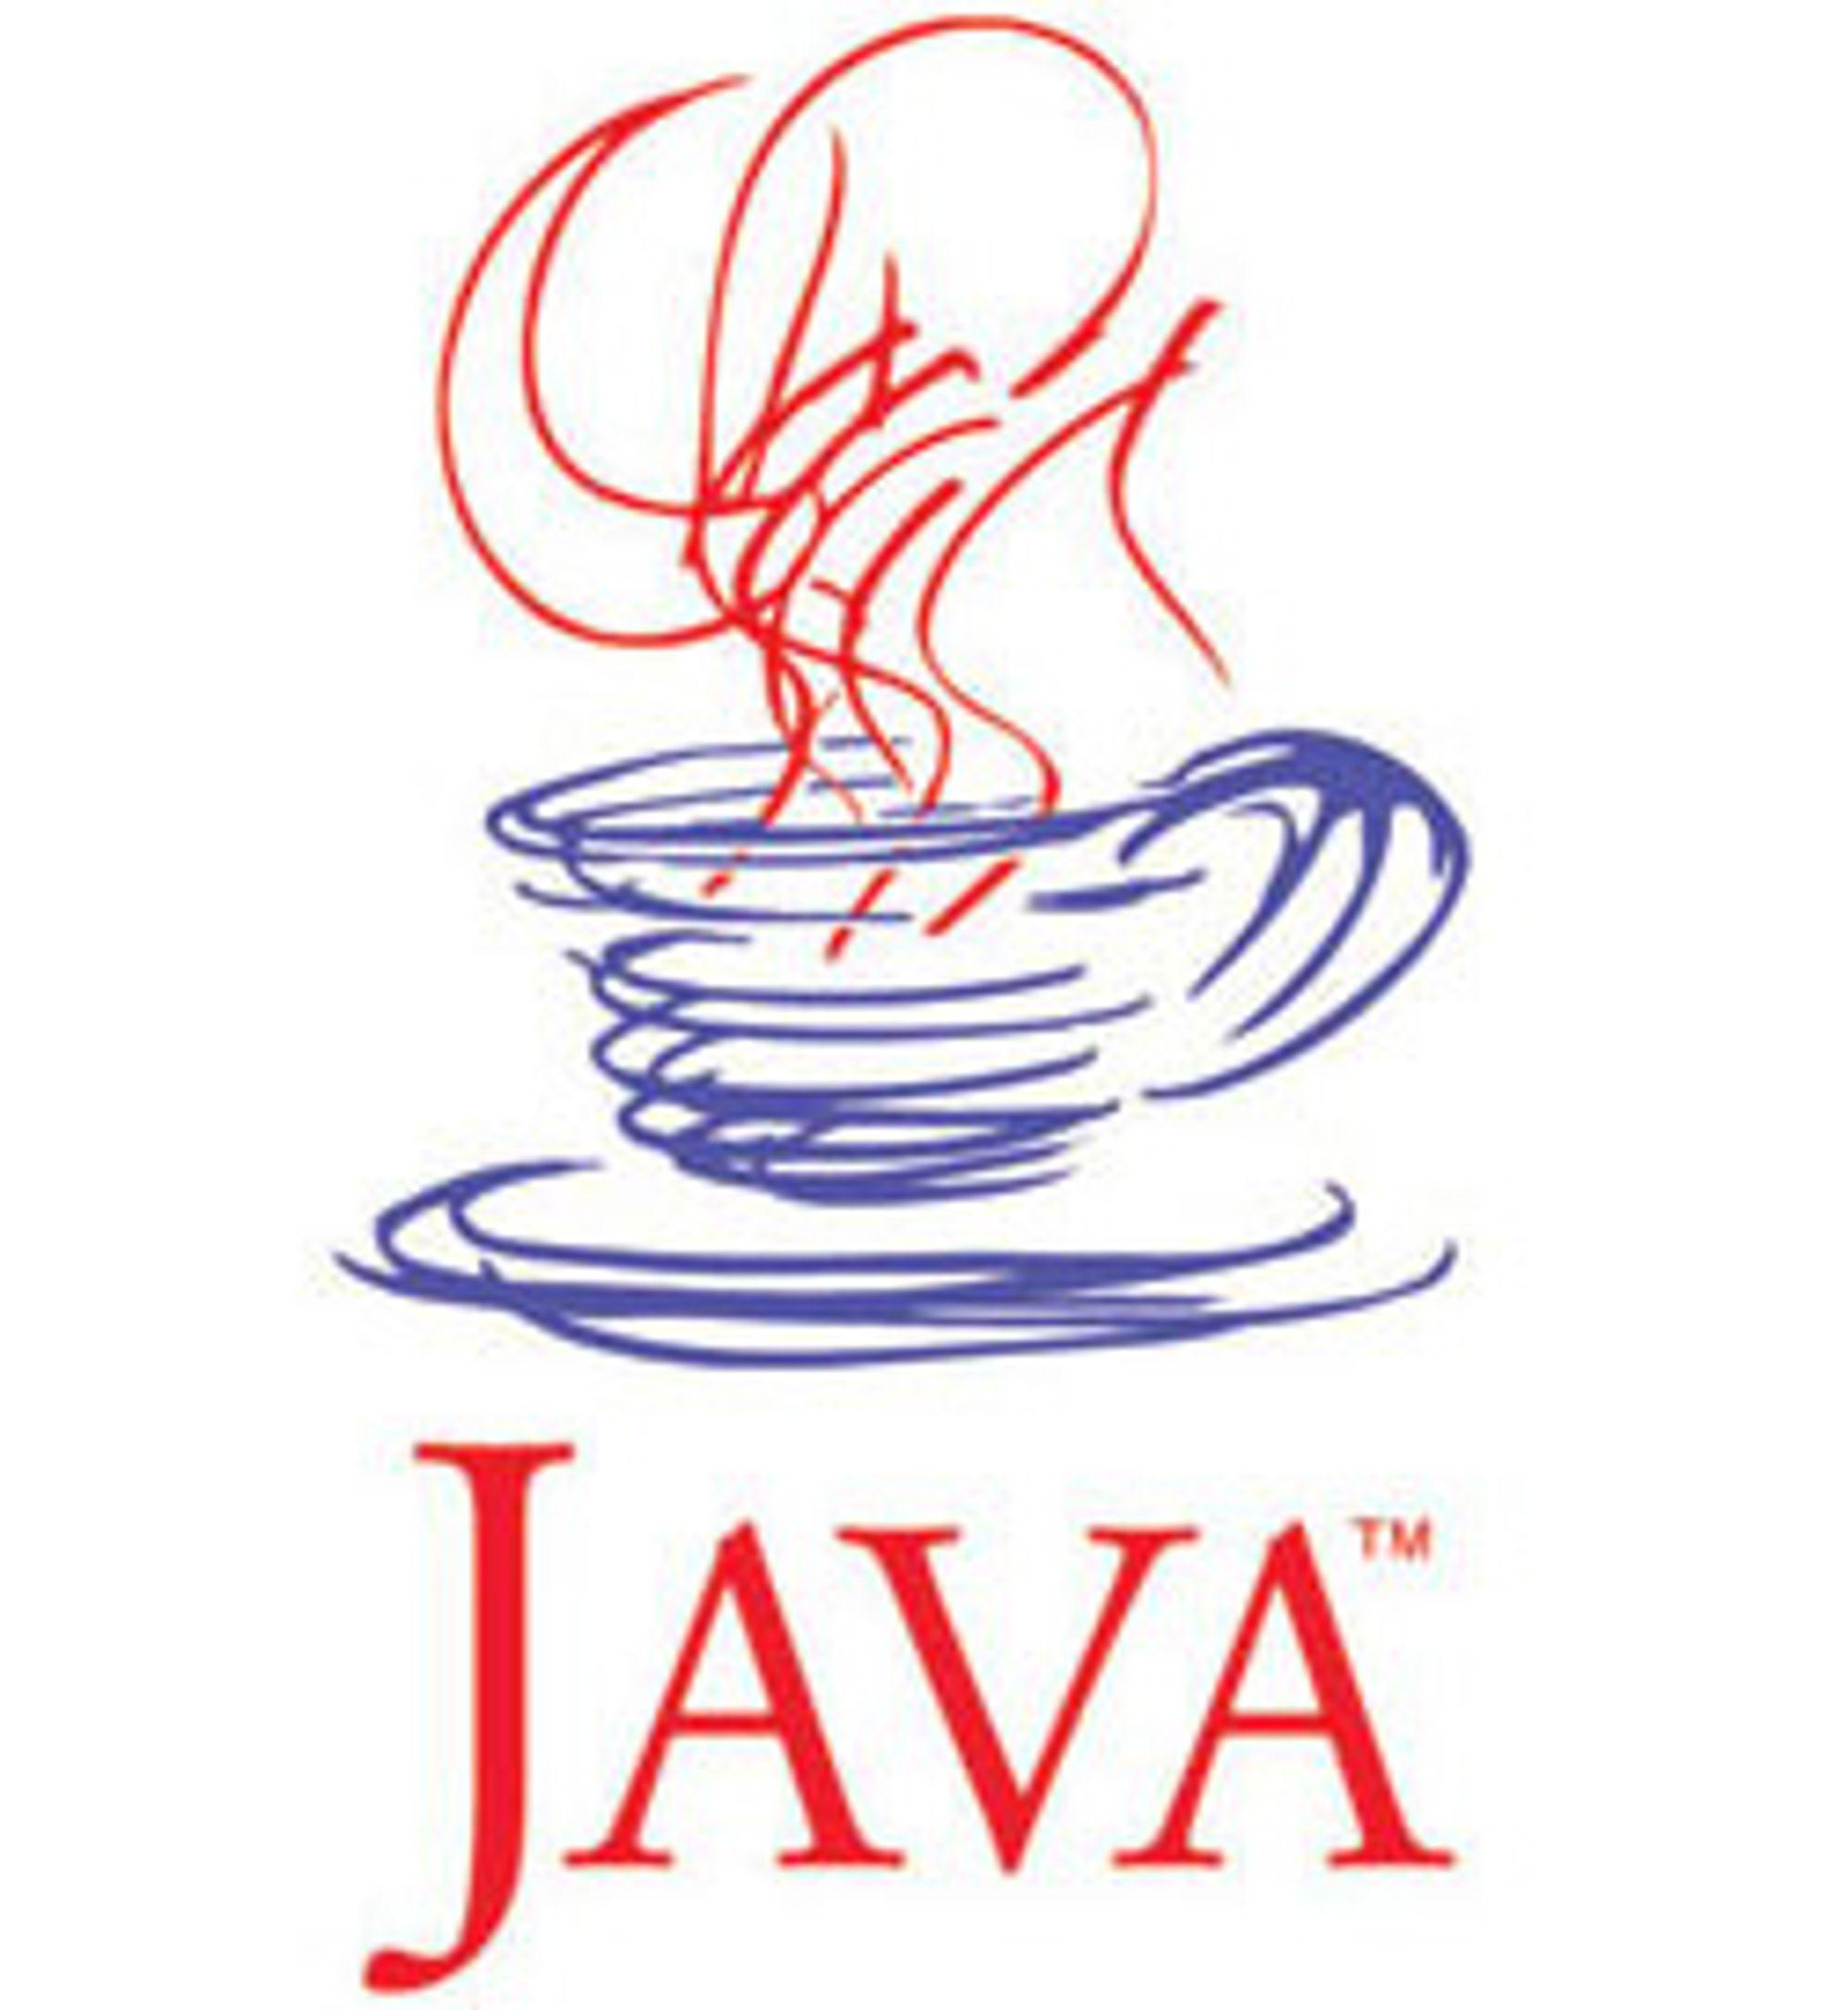 Sun mener mobilene nå er klare for standardversjonen av Java. (Bilde: Sun)